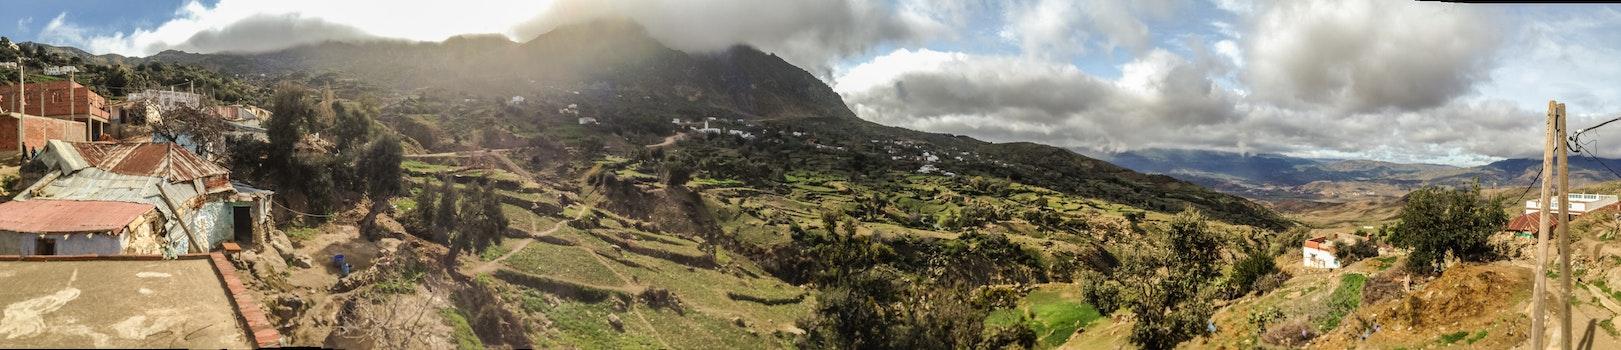 Free stock photo of mountains, panorama, mountain range